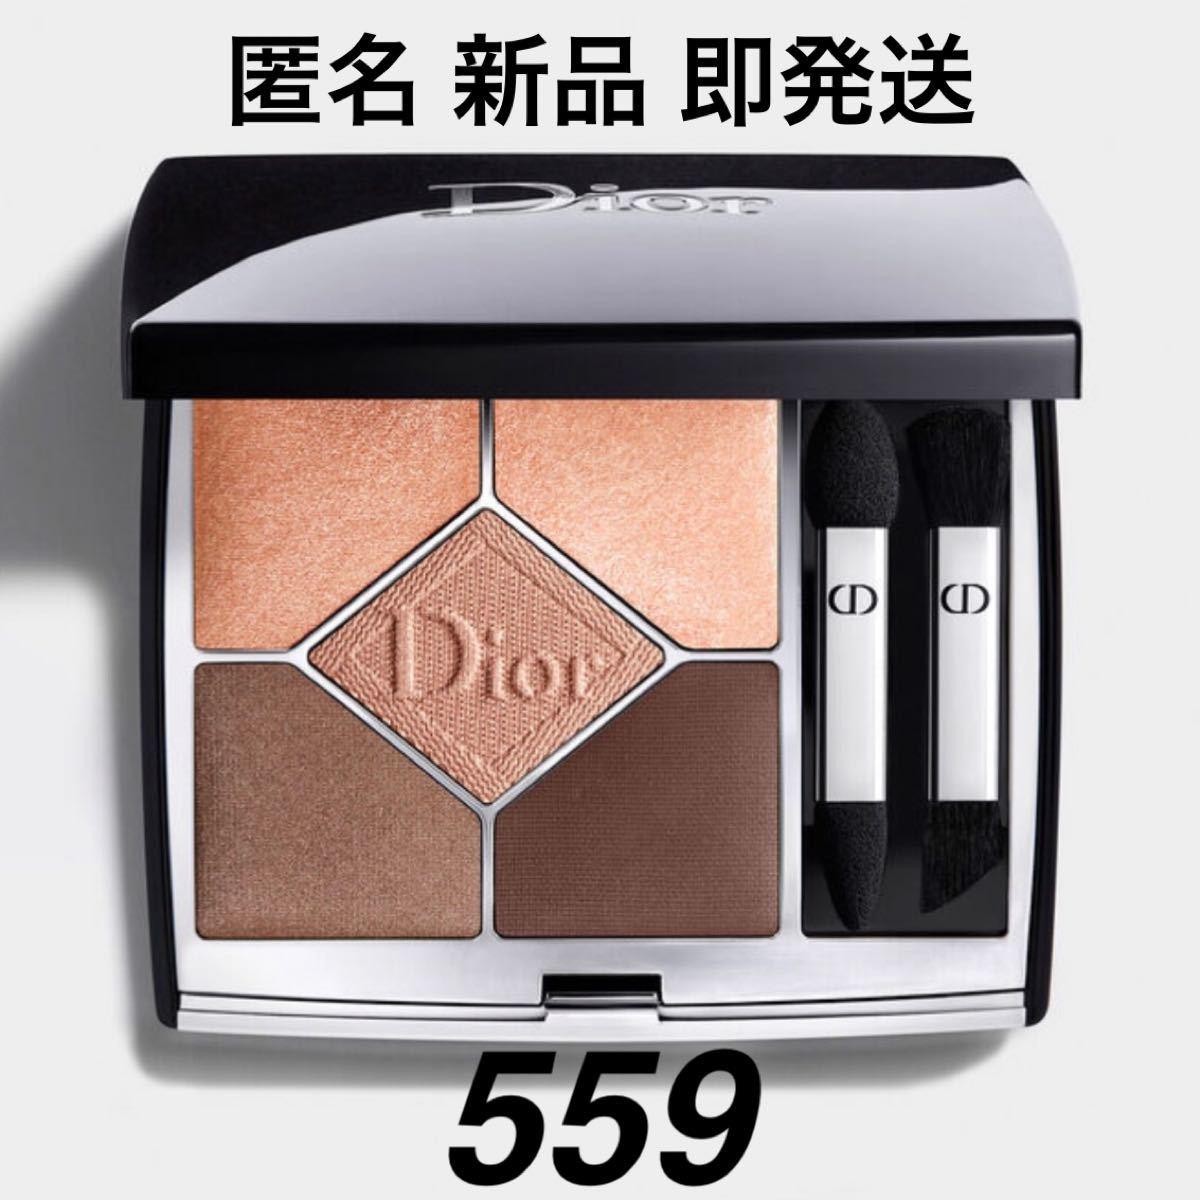 dior ディオール 559 ポンチョ サンククルール アイシャドウ